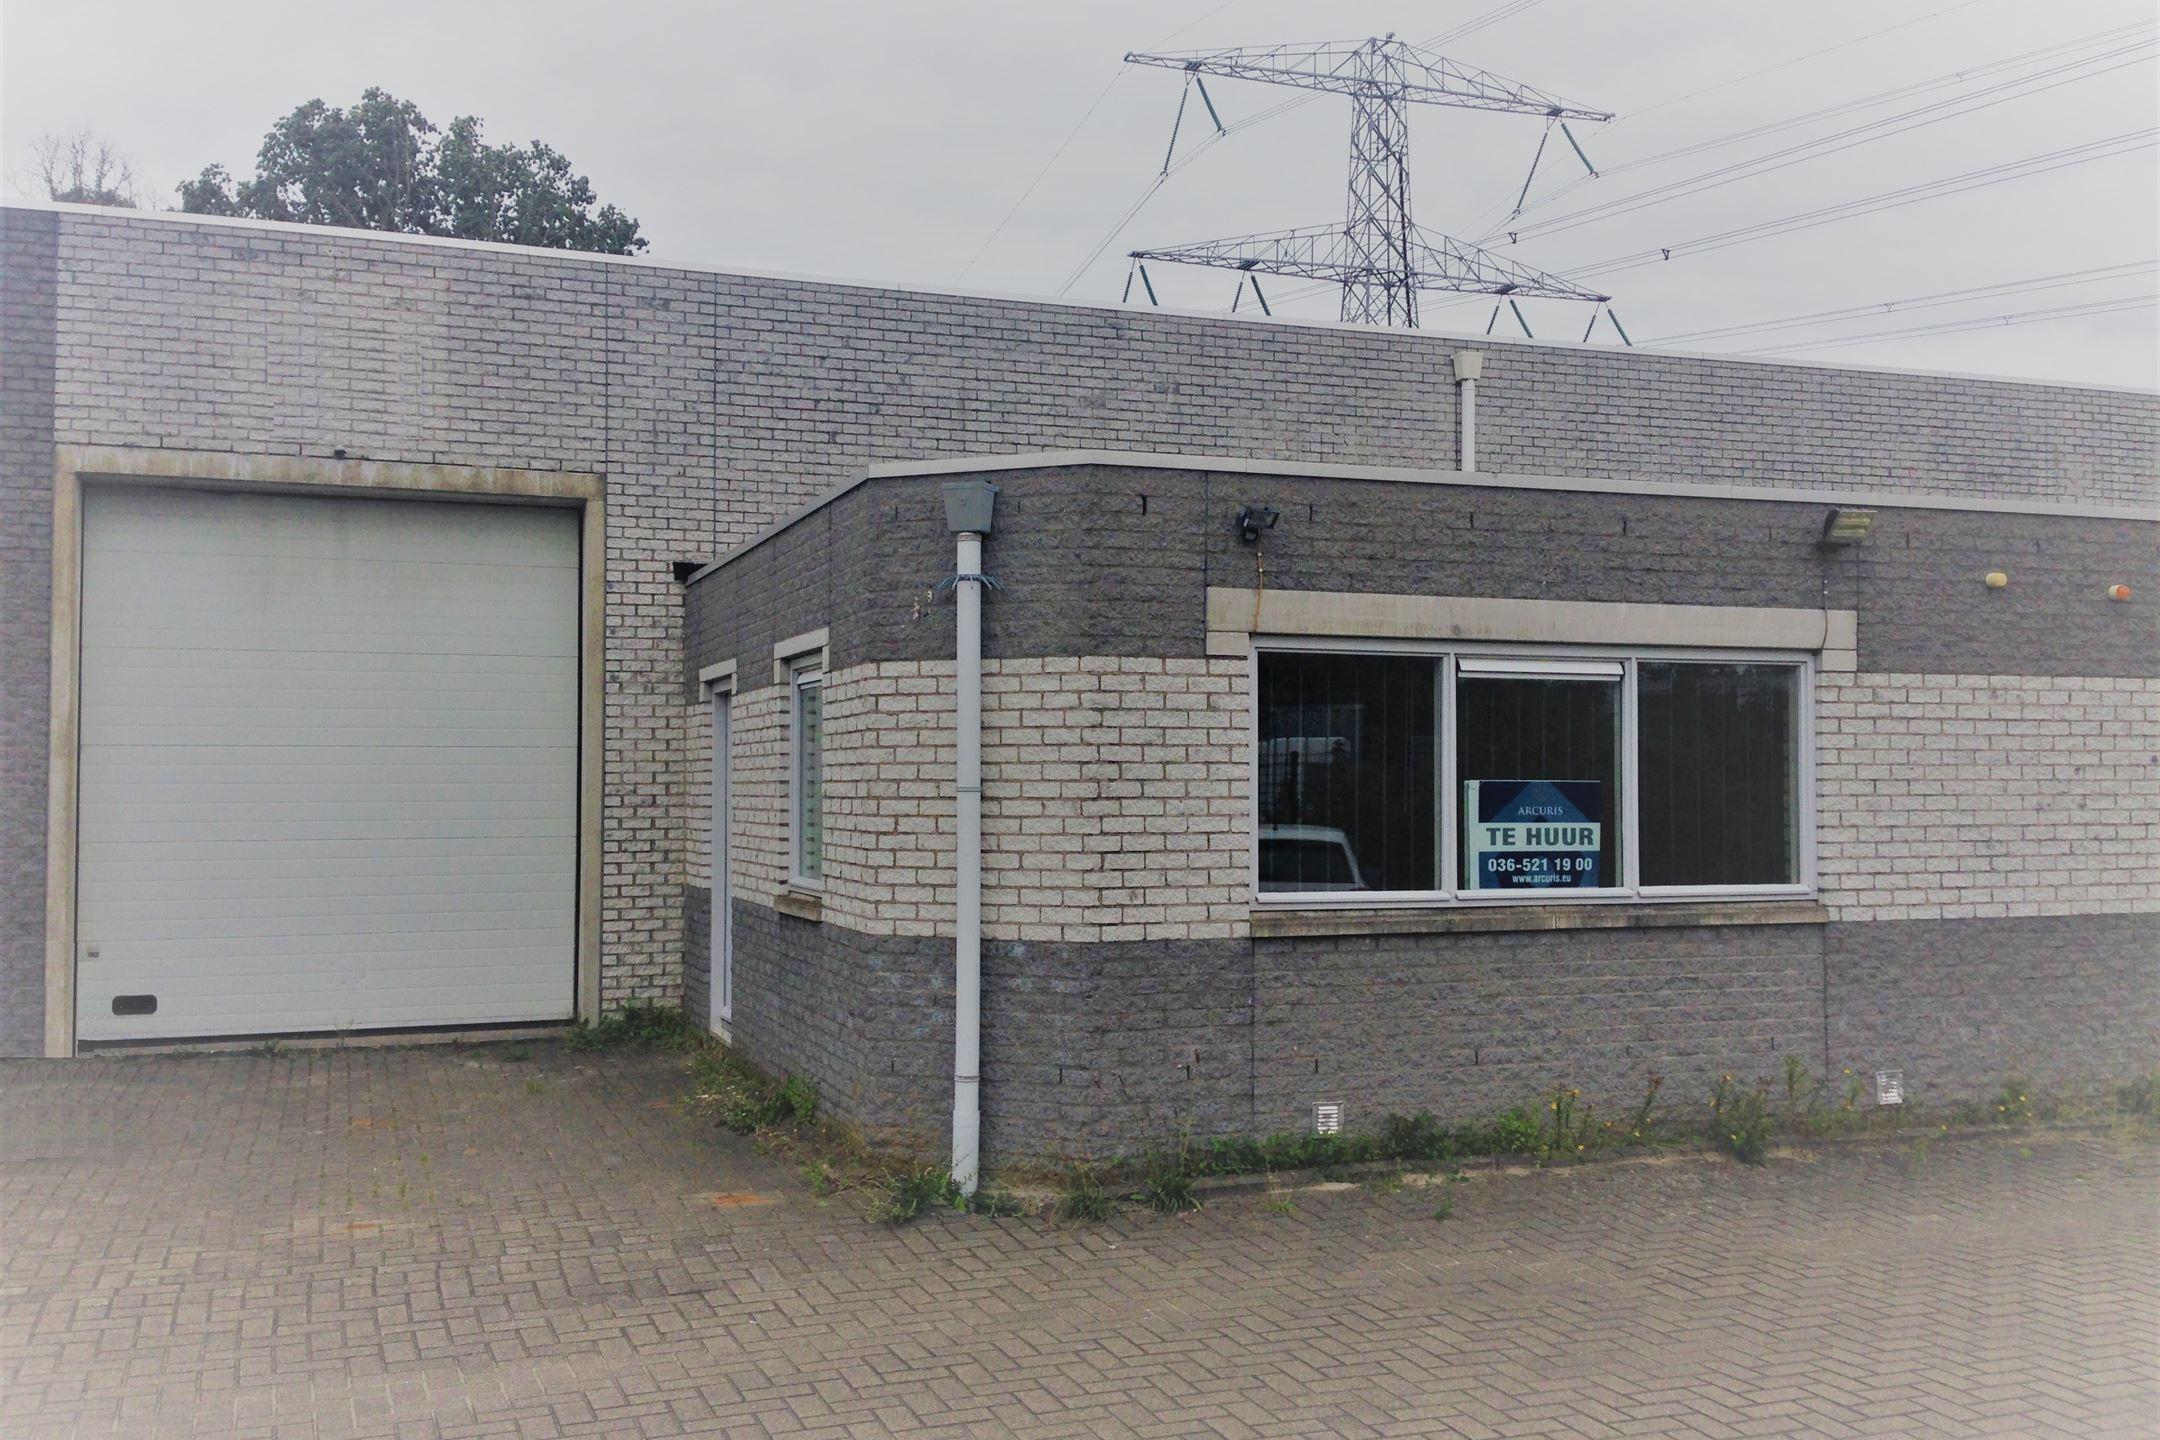 Garage Huren Almere : Almere zoek verhuurd: radioweg 30 1324 kp almere [funda in business]